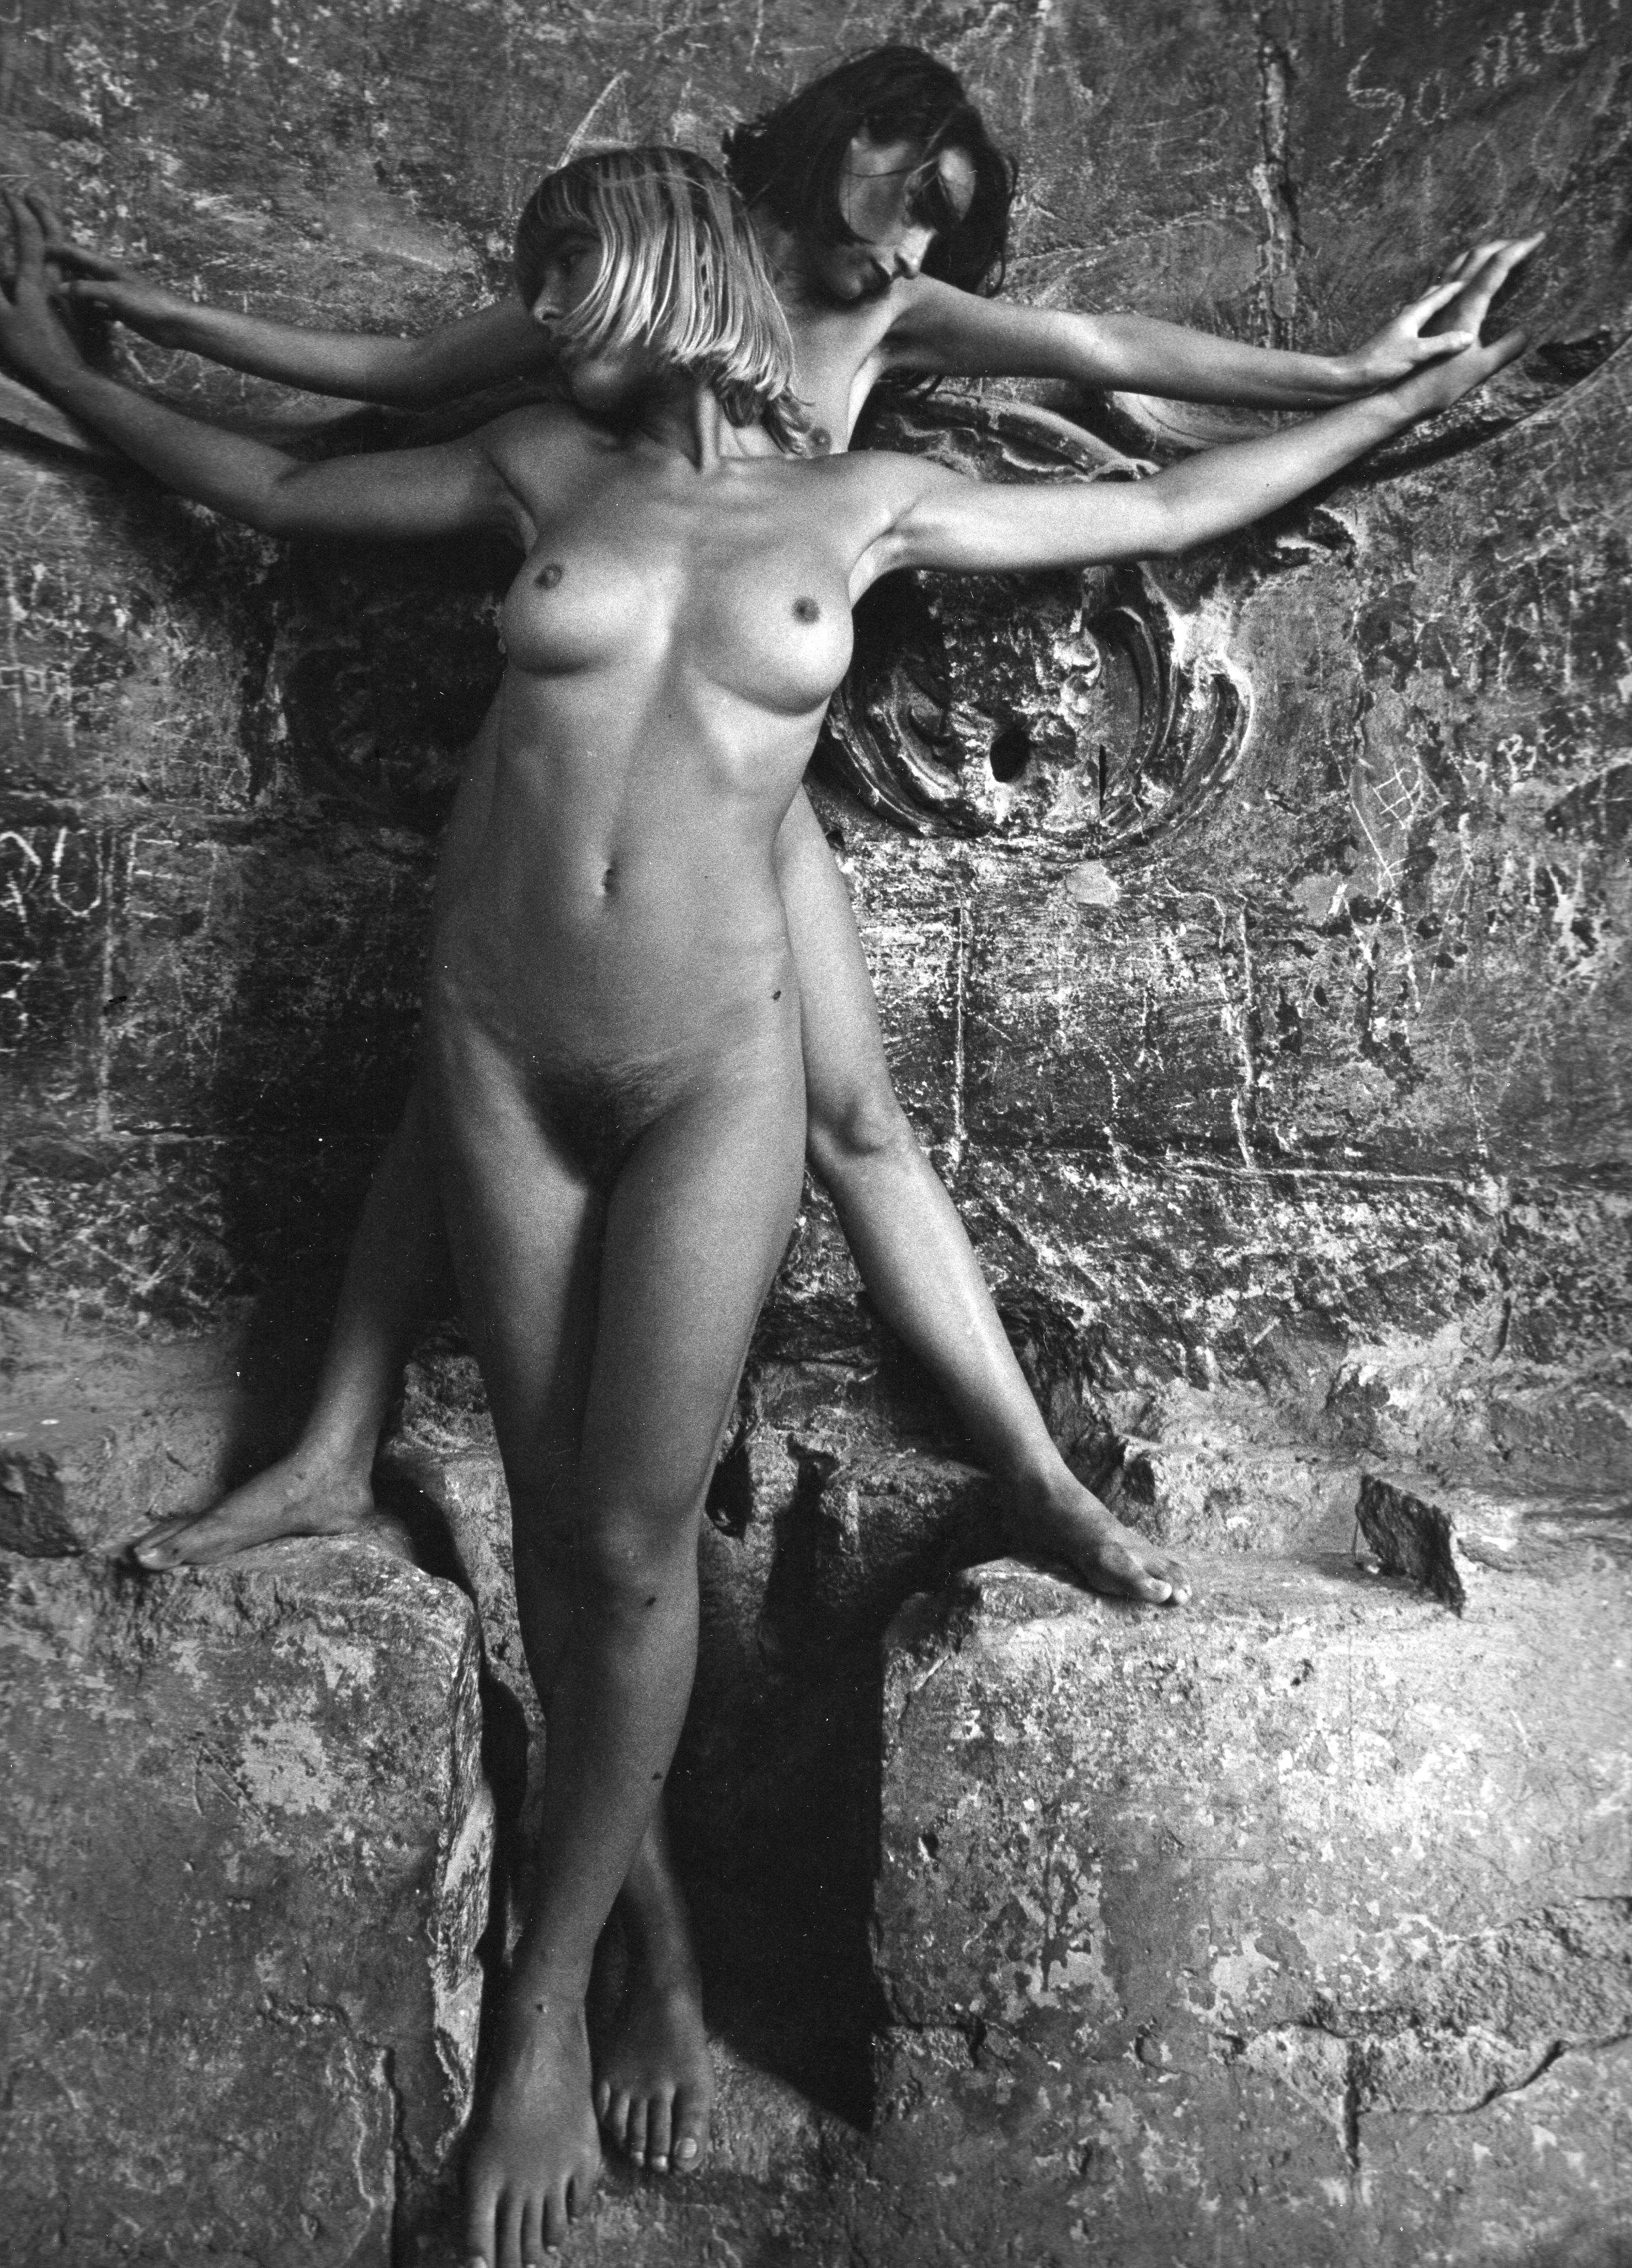 LUCIEN CLERGUE Nus a Montmajour, 1981